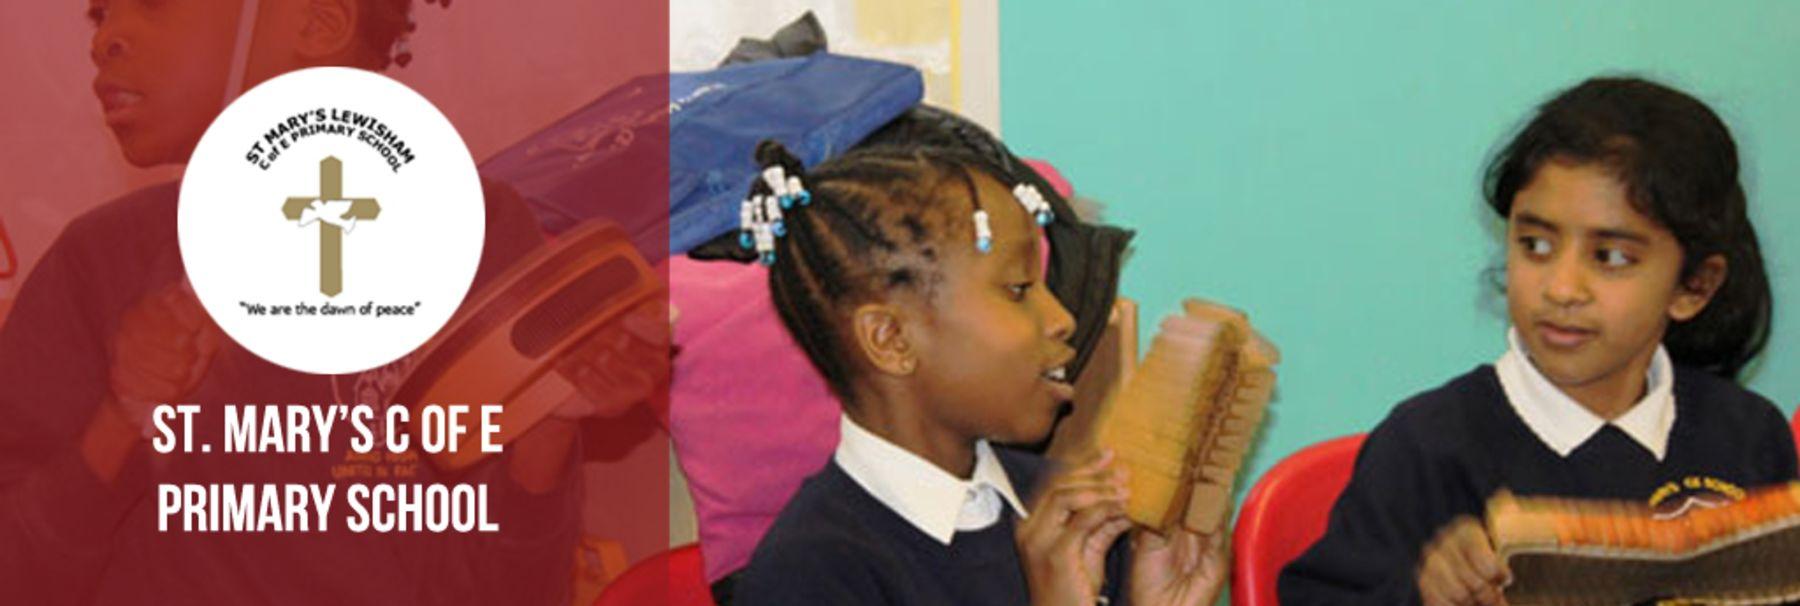 St. Mary's C of E Primary School